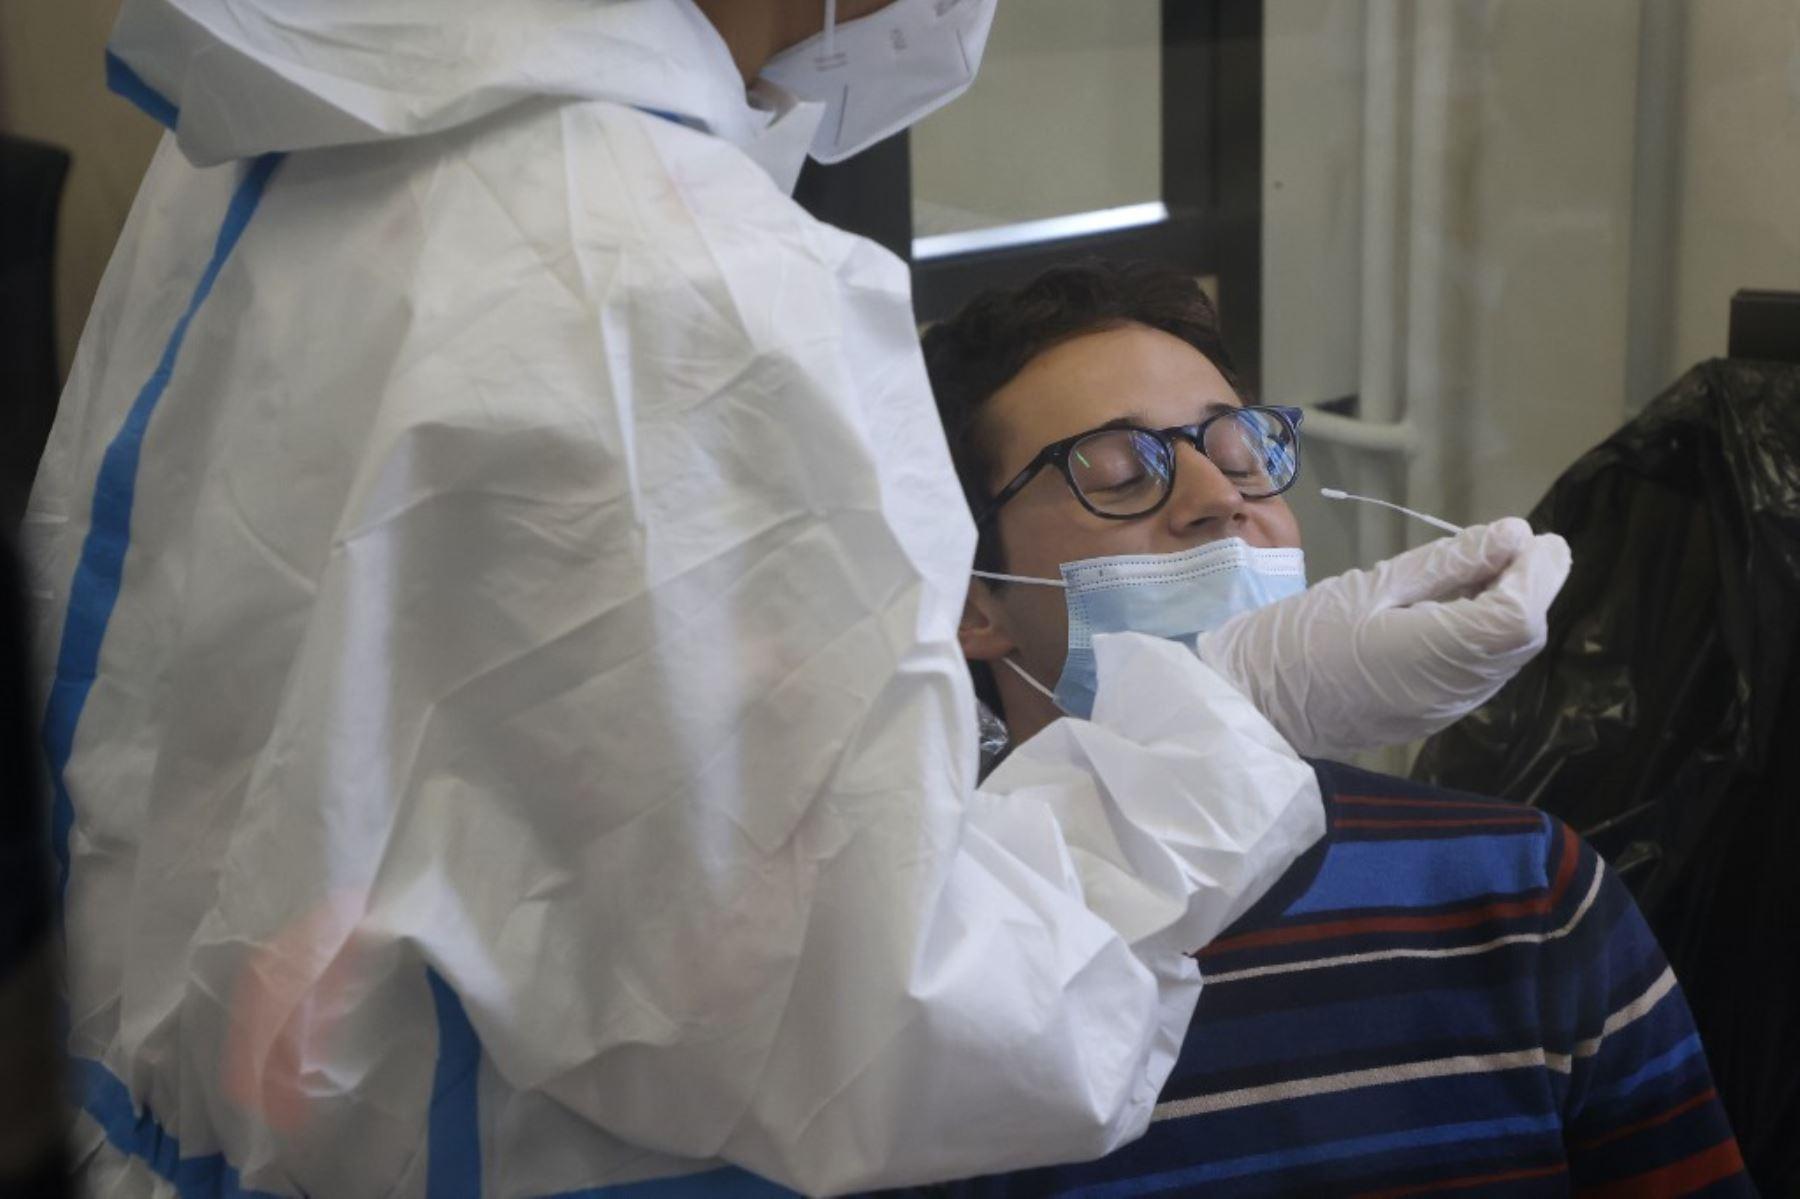 Un personal médico realiza una prueba a un estudiante en un centro de pruebas Covid-19 ubicado en el antiguo Ayuntamiento del distrito 4. Foto: AFP